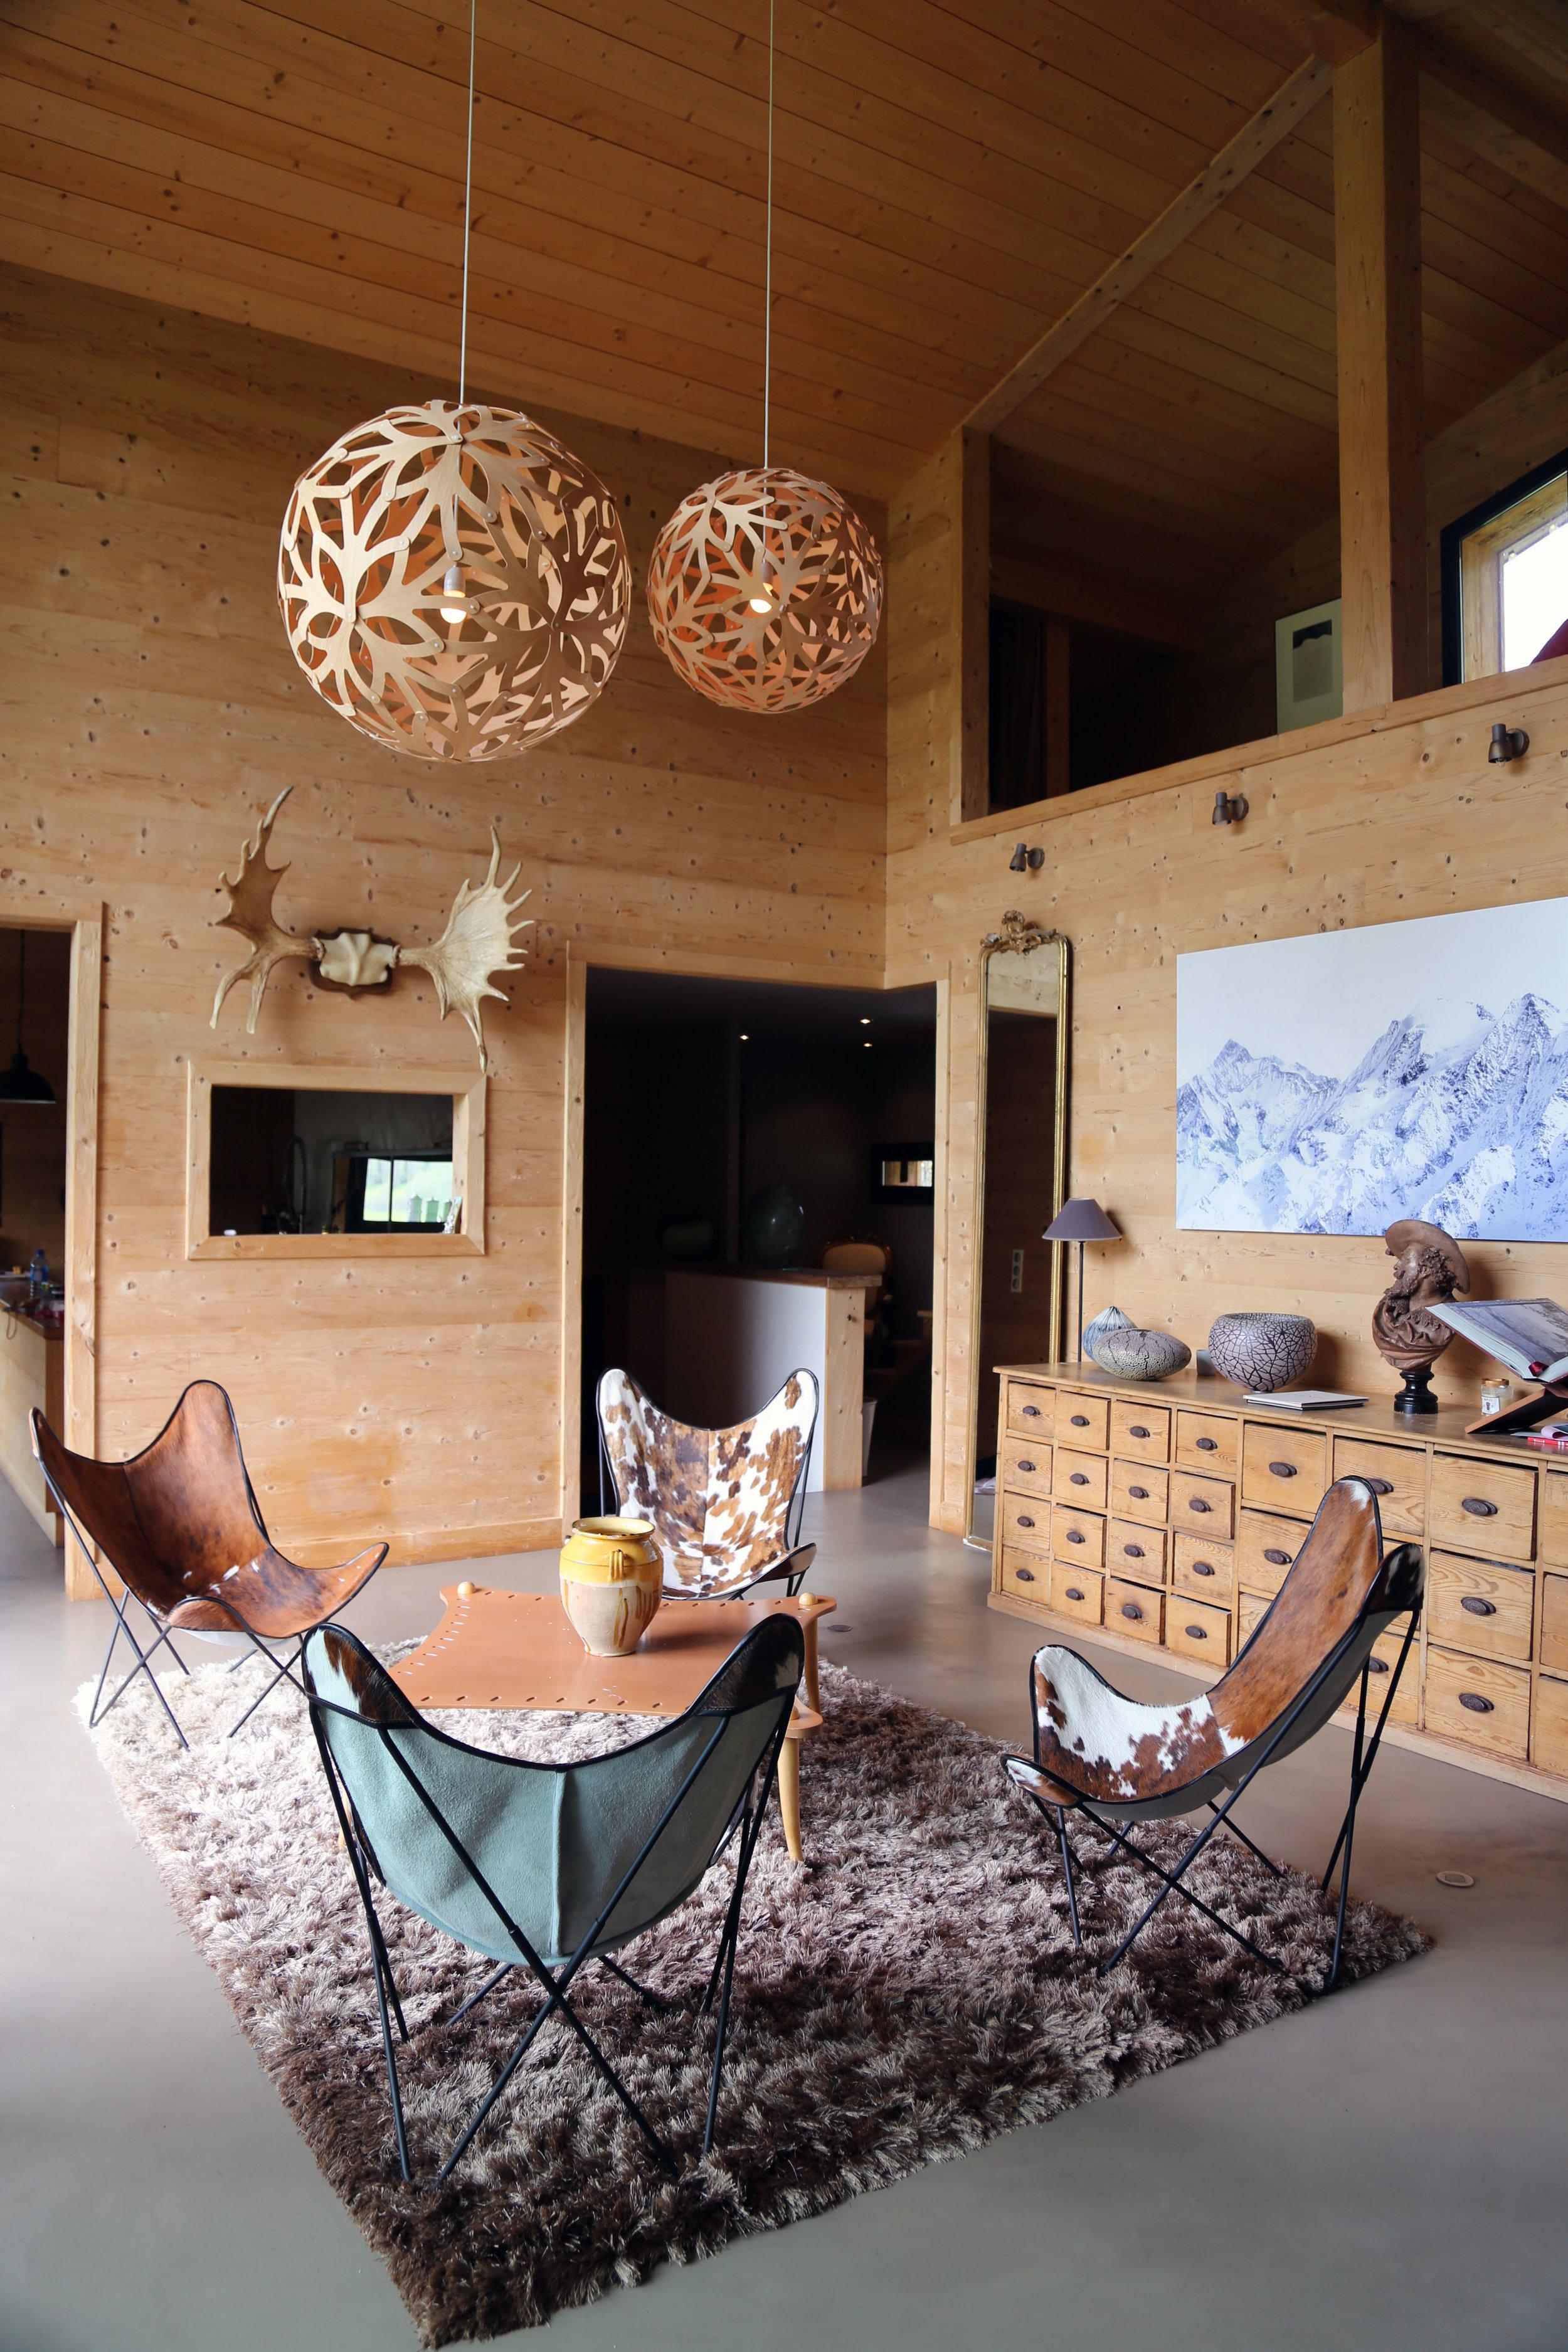 la maison de famille - C'est un chalet de famille à louer dans les montagnes de la Haute Savoie. Idéalement situé (au bord d'un champ avec des chevaux l'été, qui devient une piste de ski l'hiver) le chalet se trouve à seulement 5 minutes à pieds du village et 5 minutes en voiture des remontées mécaniques du domaine skiable.Ce chalet de charme offre une vue panoramique sur les montagnes des Contamines-Montjoie, autant appréciable l'été que l'hiver.Le chalet aux finitions soignées et à la décoration d'un refuge de montagne XXL dispose d'une surface totale de 400 m2 repartie sur 2 niveaux plus mezzanine.Pour les adultes vous disposez de 5 chambres double, coté enfant, un dortoir et 2 chambres doubles en mezzanine ainsi que 5 salles de bain. Une cuisine entièrement équipée, 2 salons TV ainsi qu'un sauna / hammam située à l'extérieur face à la montagne accessibledirectement depuis le chalet.Le chalet entier est à louer et tout est pensé pour que vous profitiez d'un cadre exceptionnel en pleine nature.